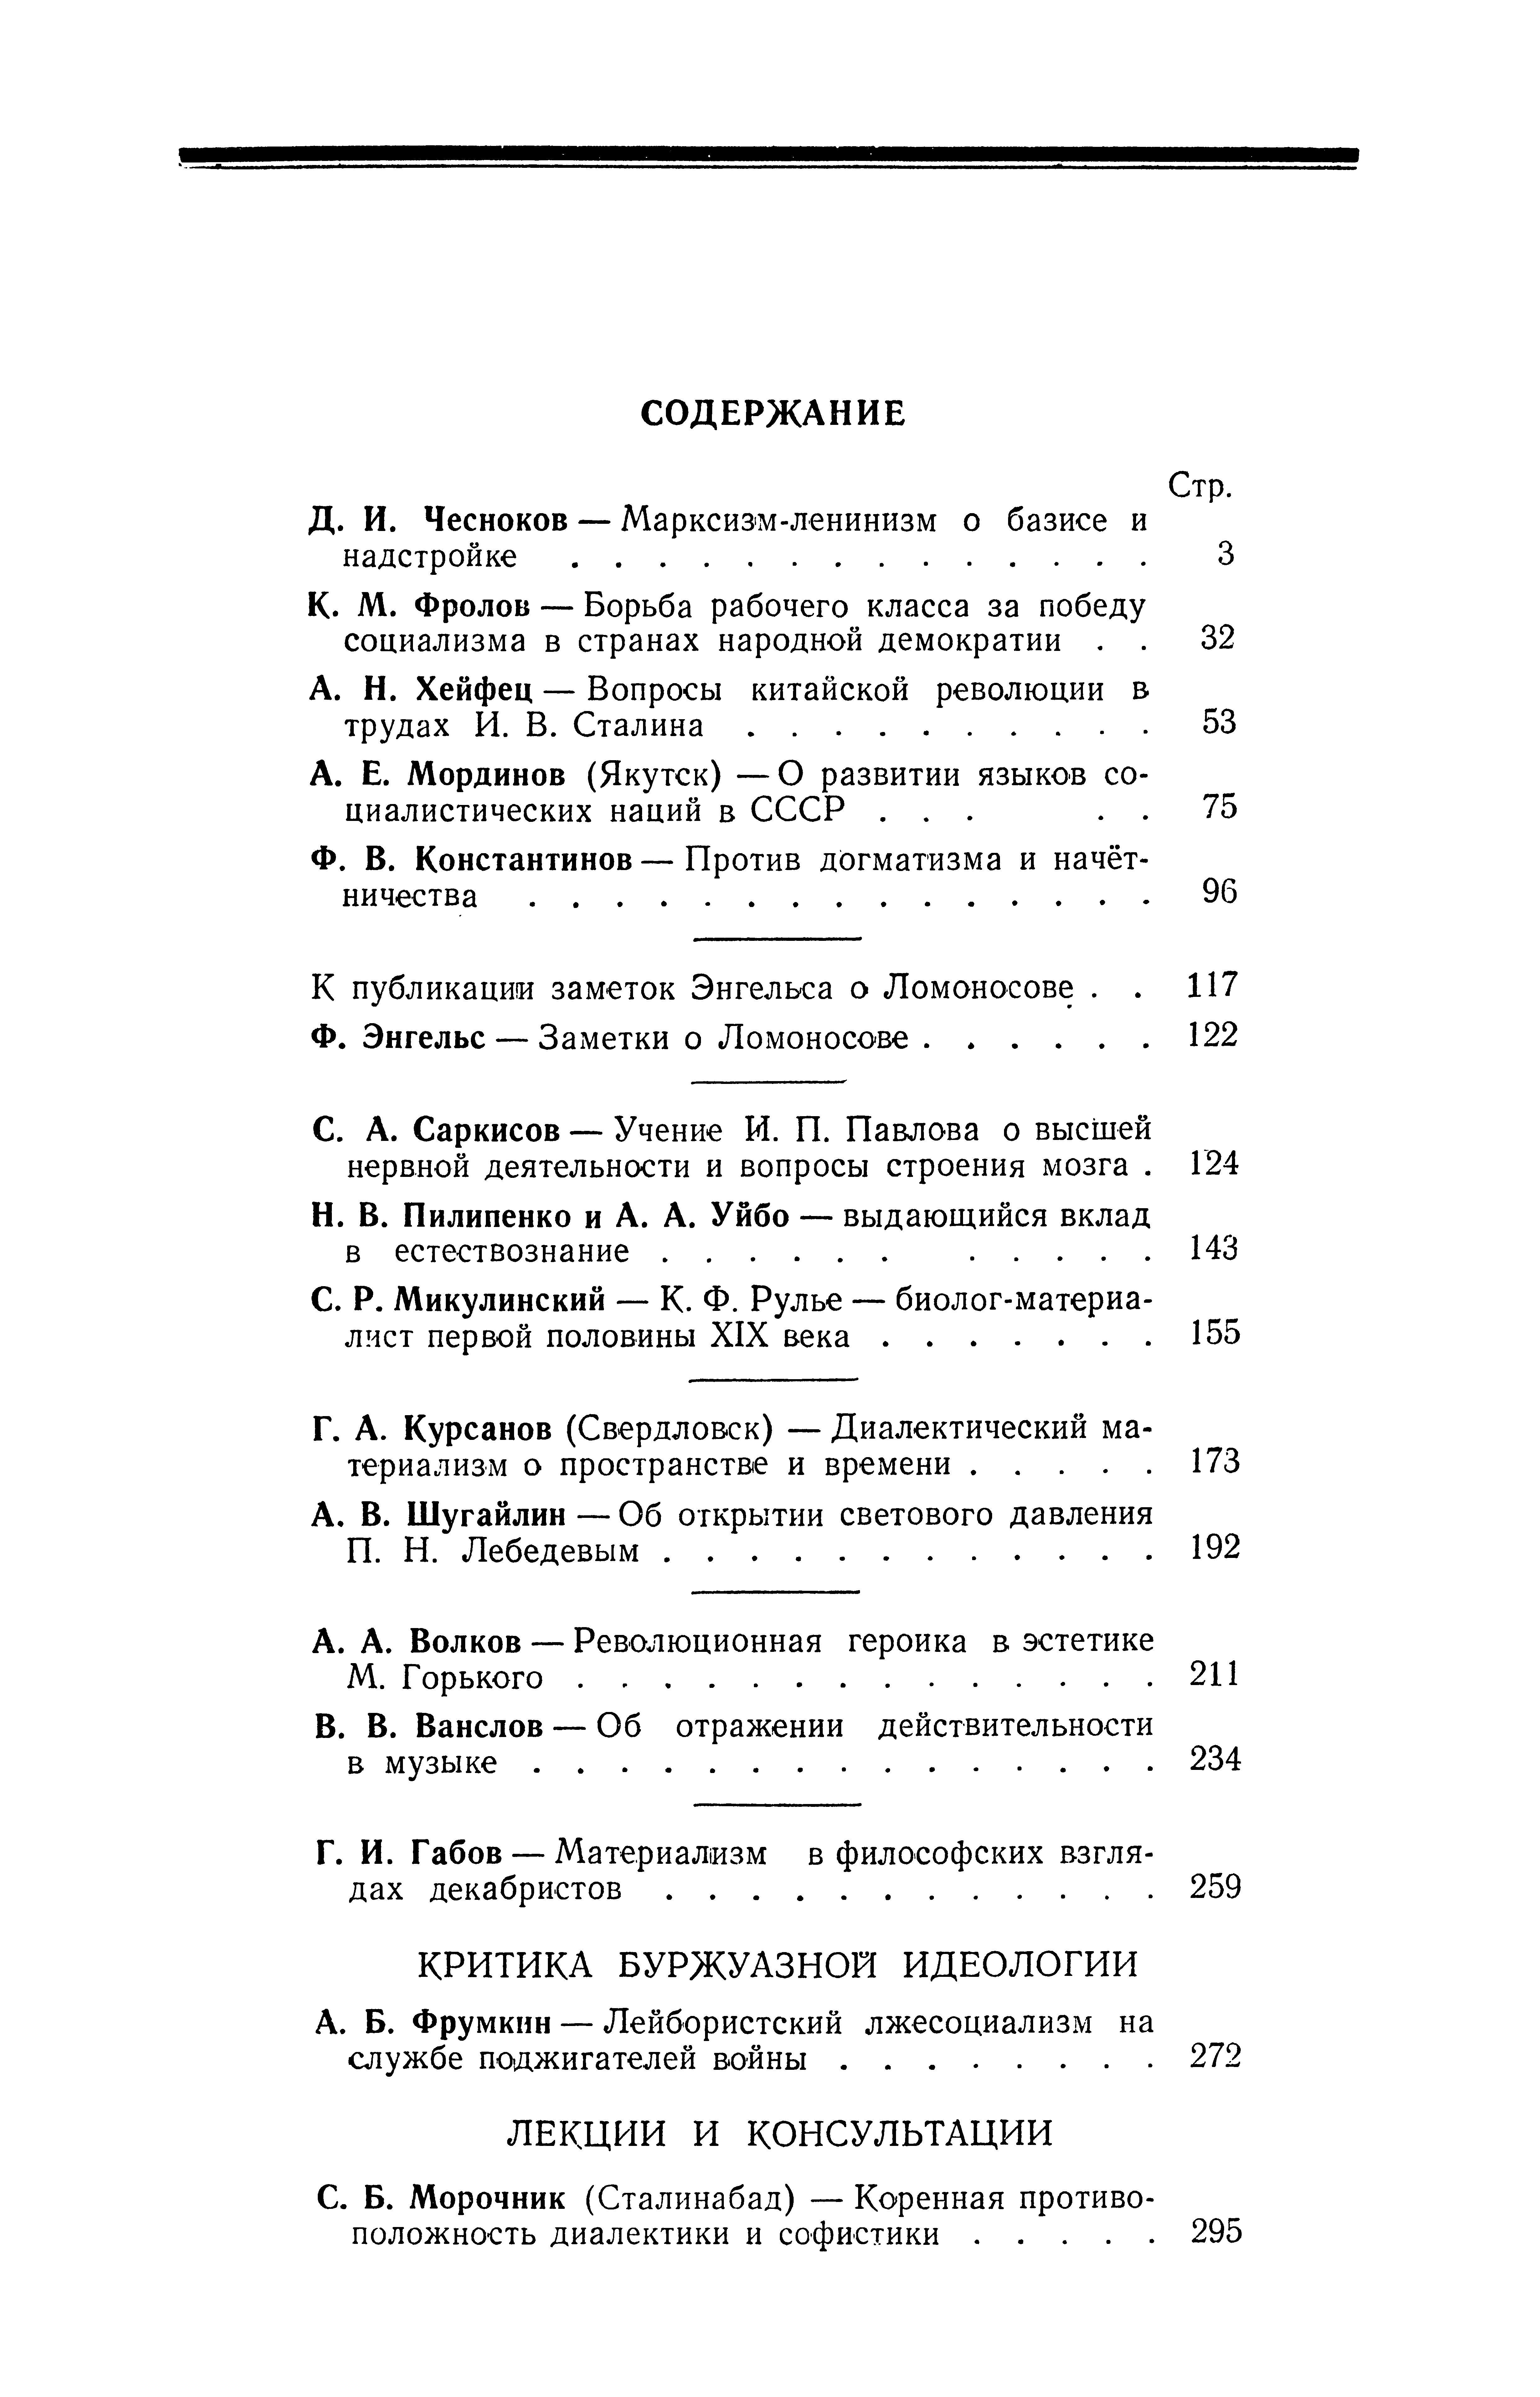 Вопросы_философии, 3-1950_387